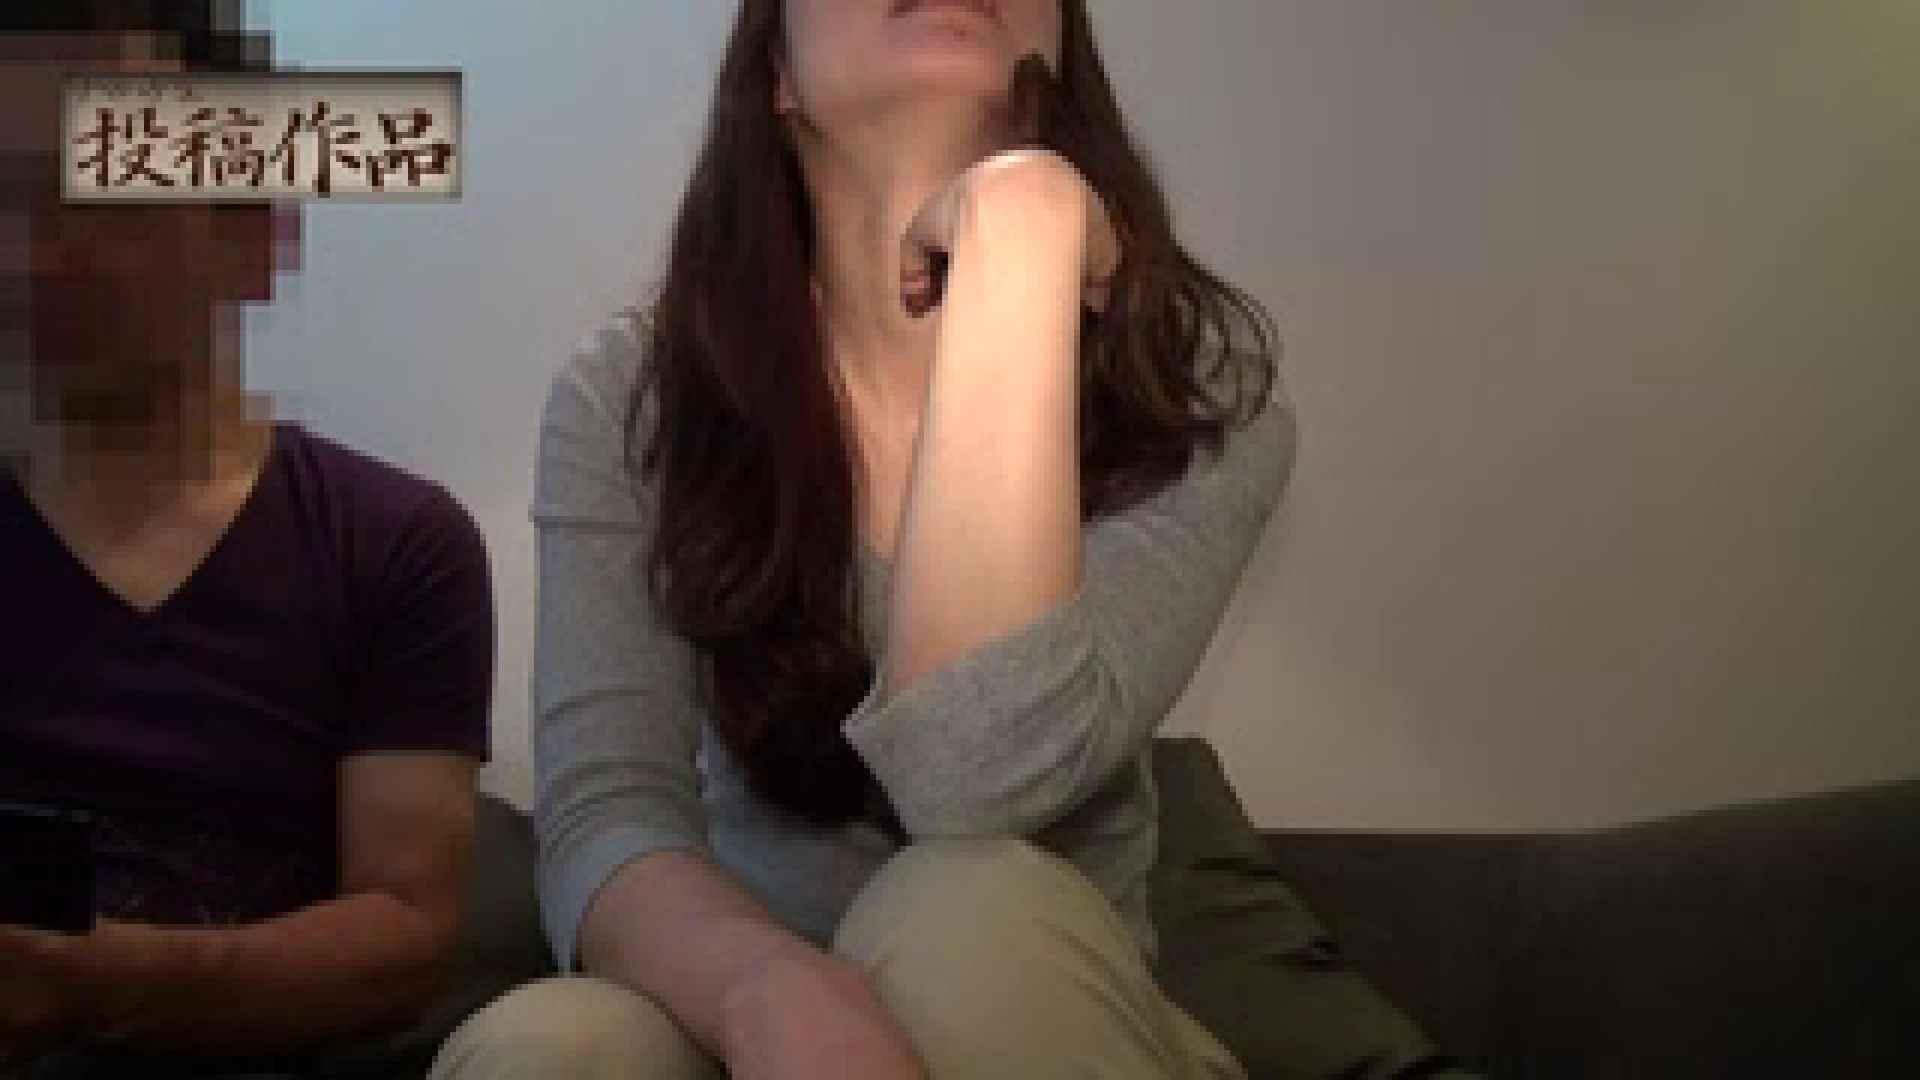 ナマハゲさんのまんこコレクション第3弾 sachiko 美女OL 濡れ場動画紹介 86連発 12